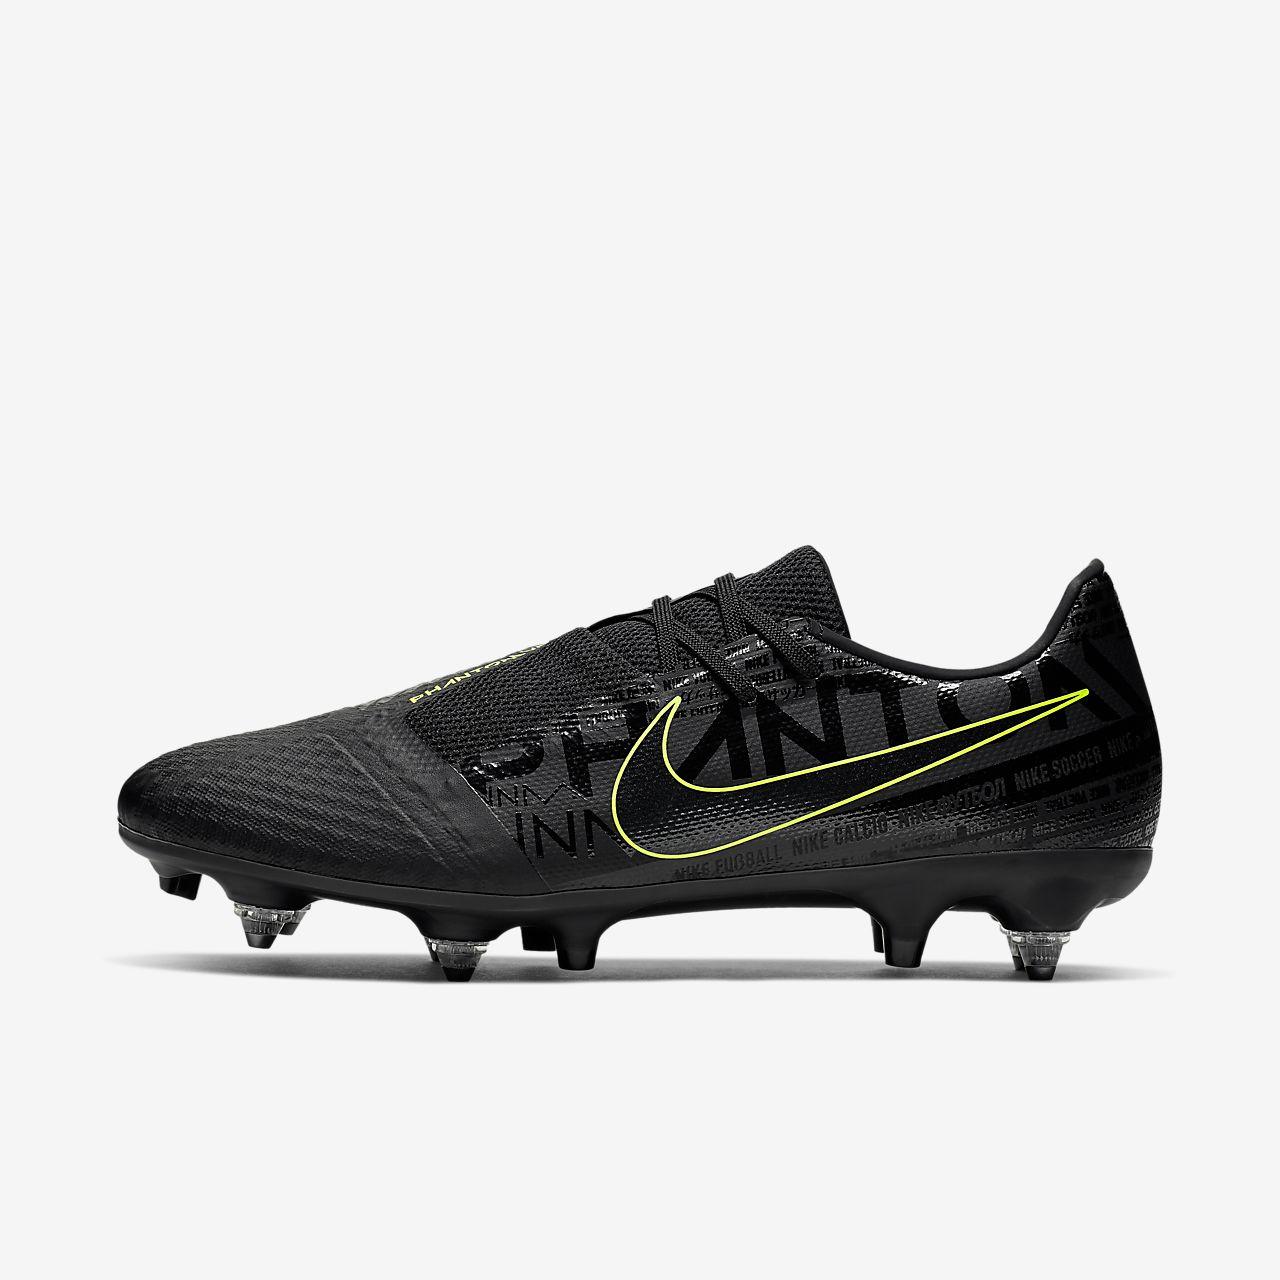 Nike PhantomVNM Academy SG-Pro Anti-Clog Traction Botes de futbol per a terreny tou